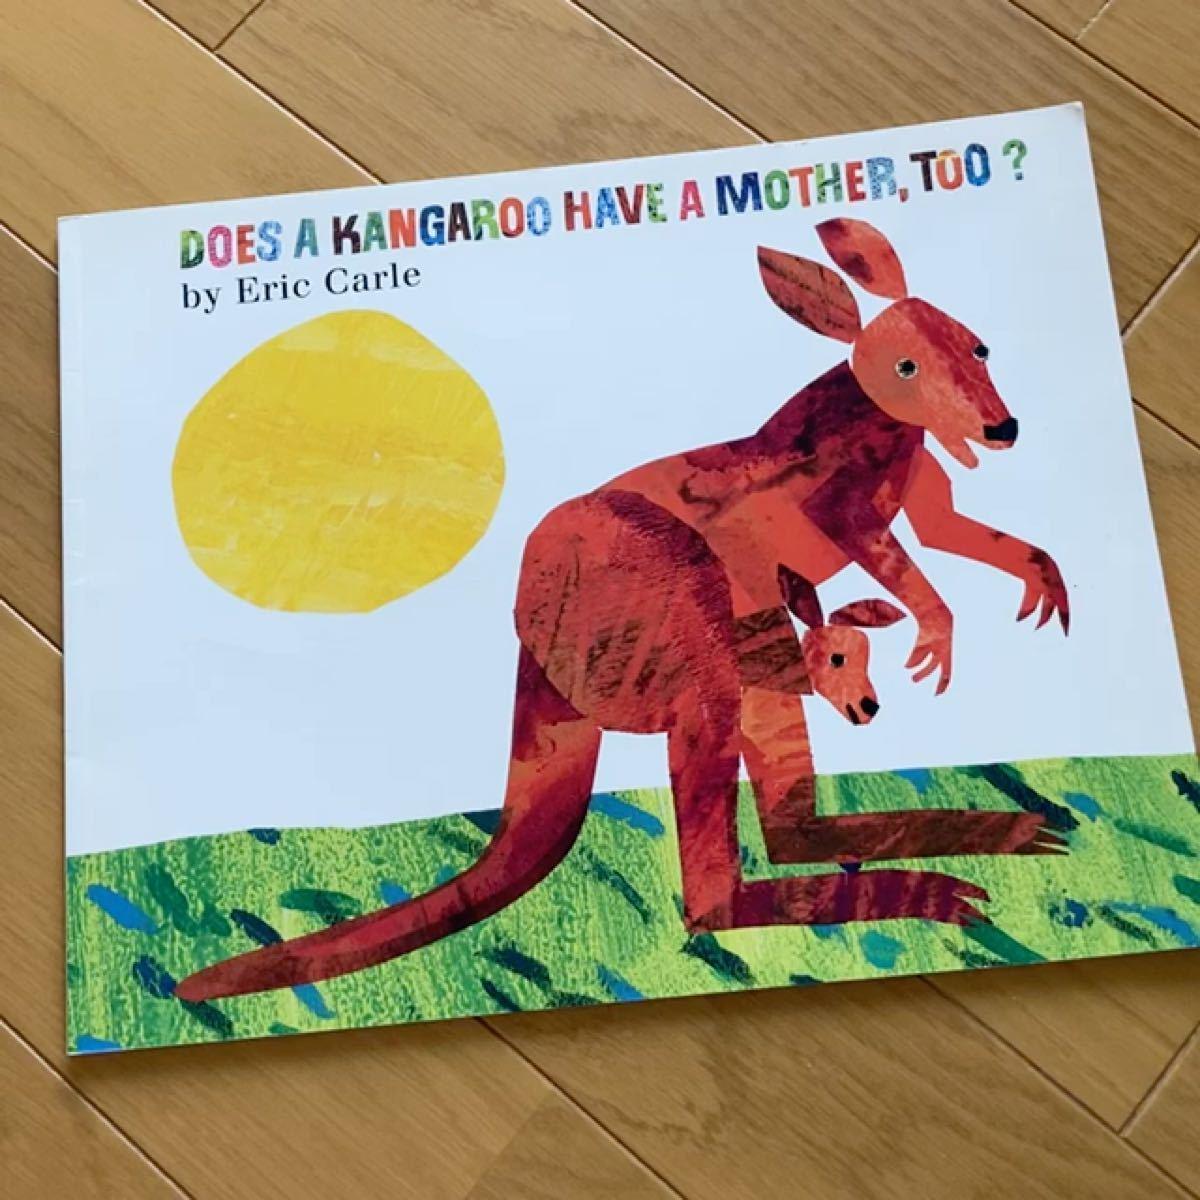 【英語絵本】Does a kangaroo have a mother, too? Eric Carle エリックカール